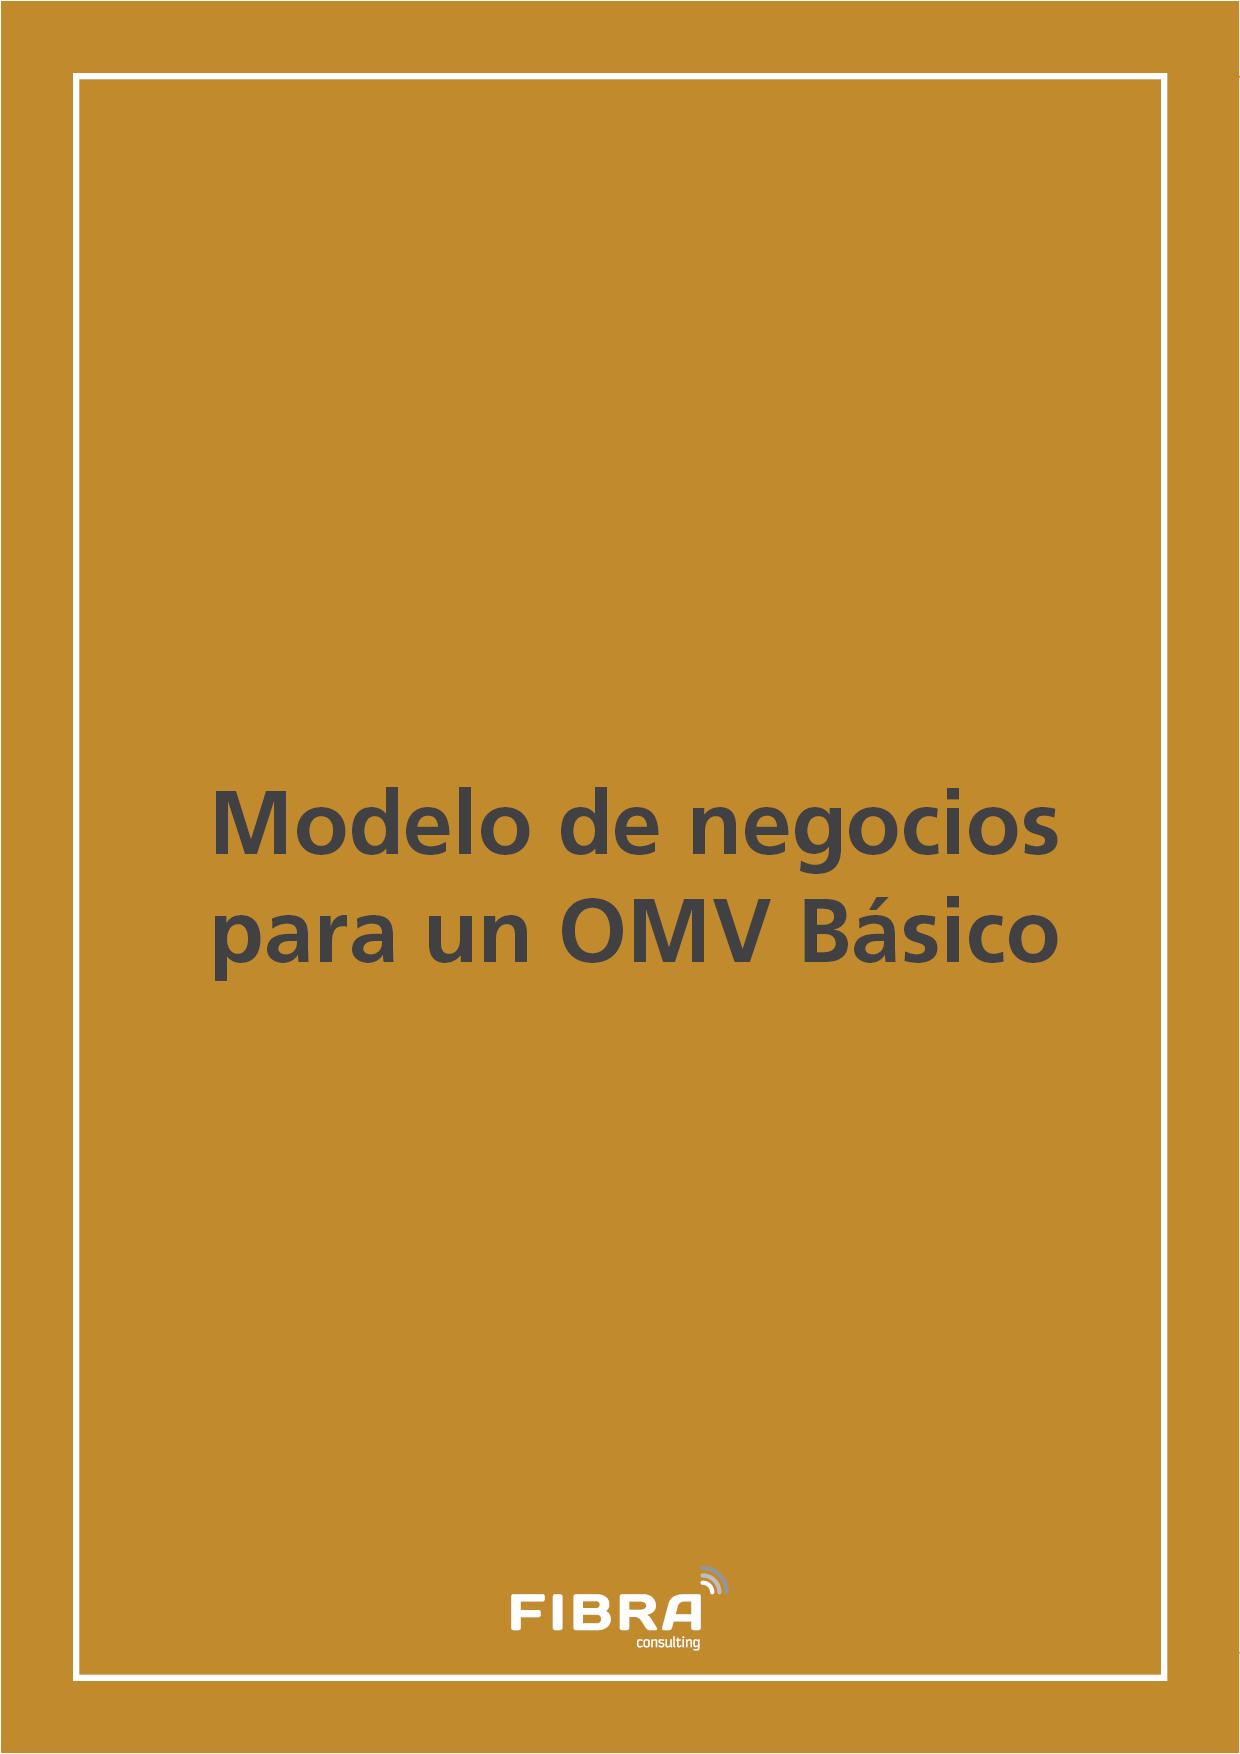 Modelo de negocios para un OMV Básico